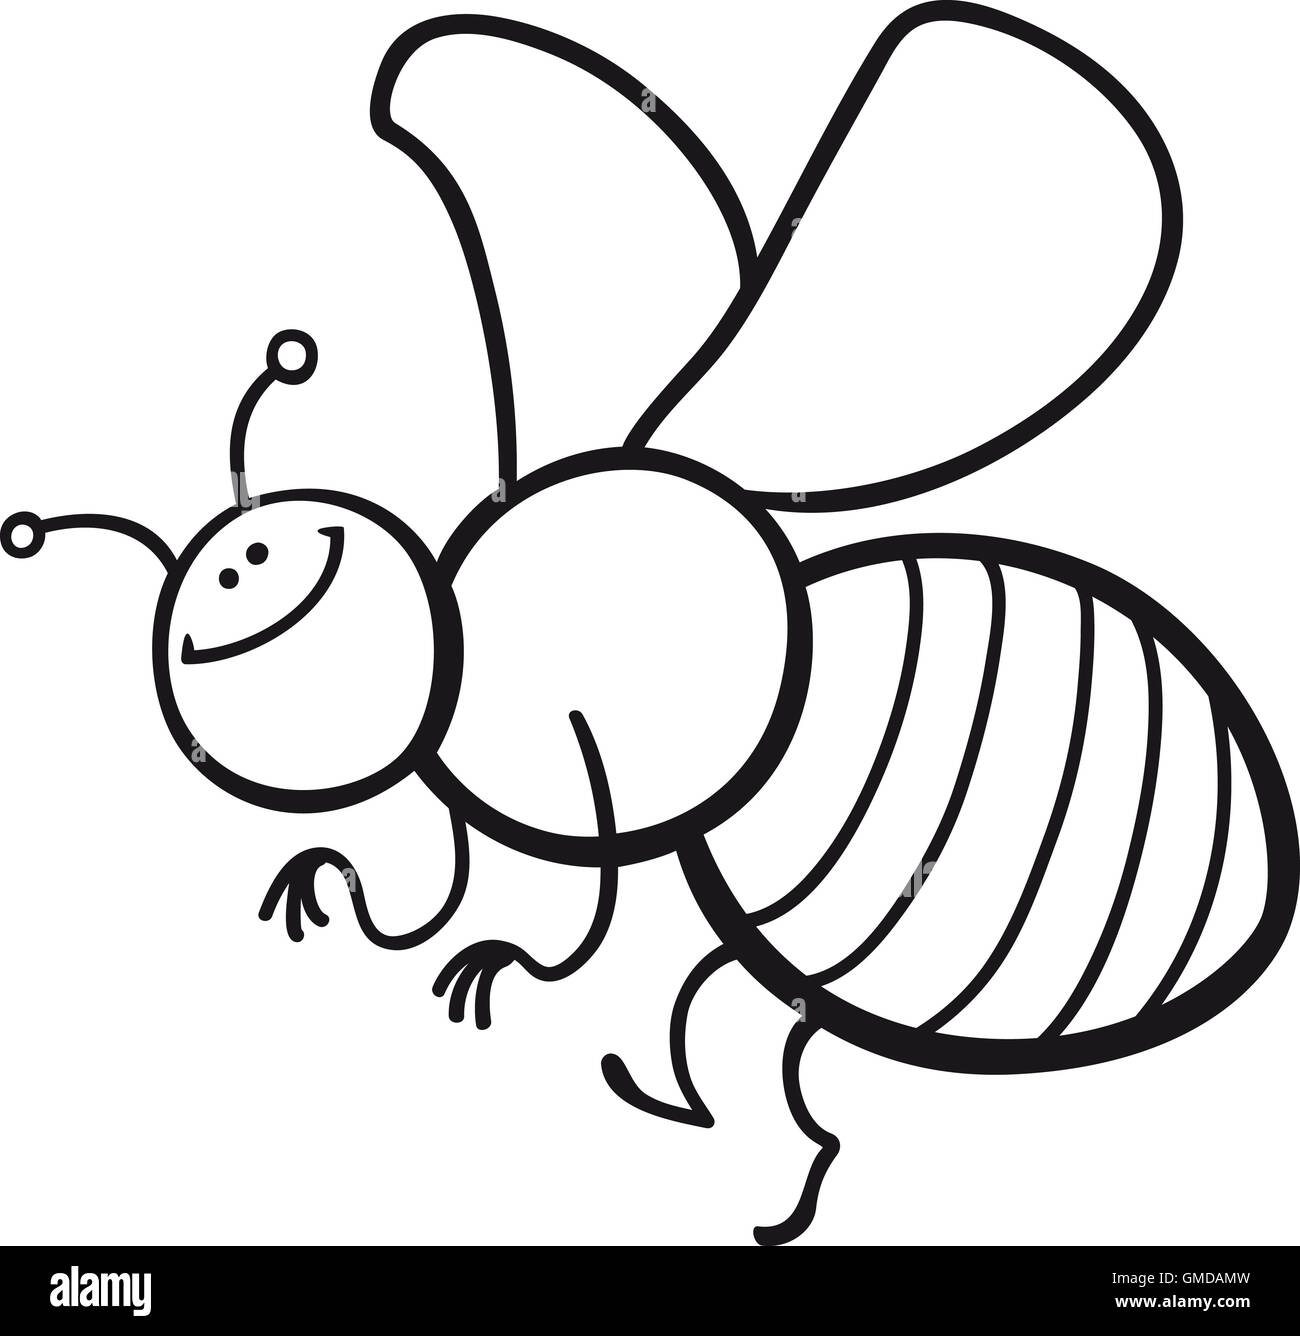 Charmant Mandala Tiere Biene Galerie - Malvorlagen Von Tieren ...